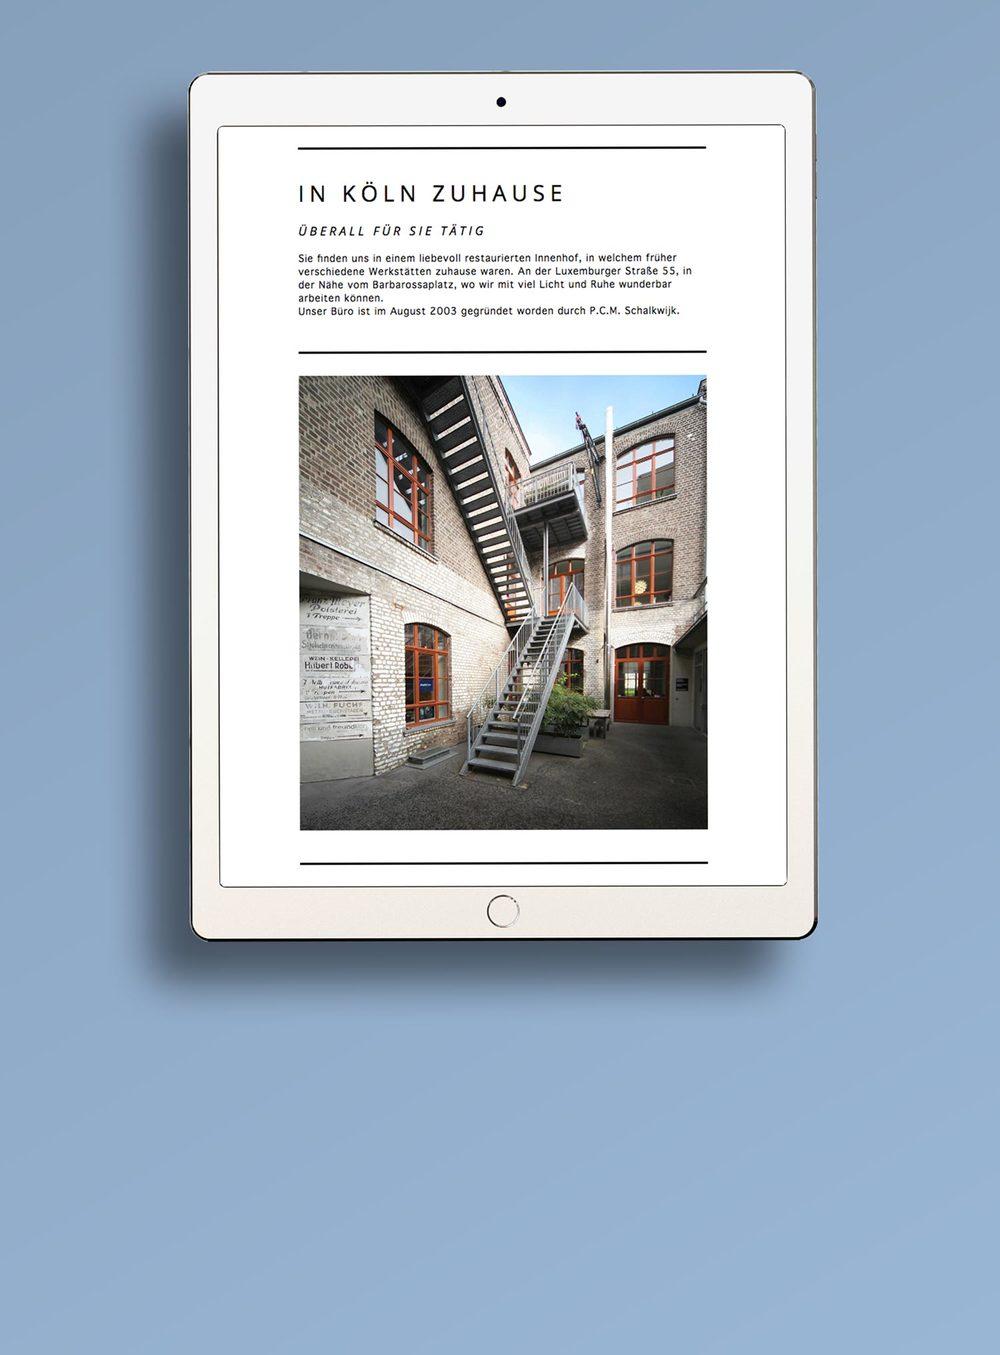 responsive-website-web-design-hell-und-freundlich-onogrit-04